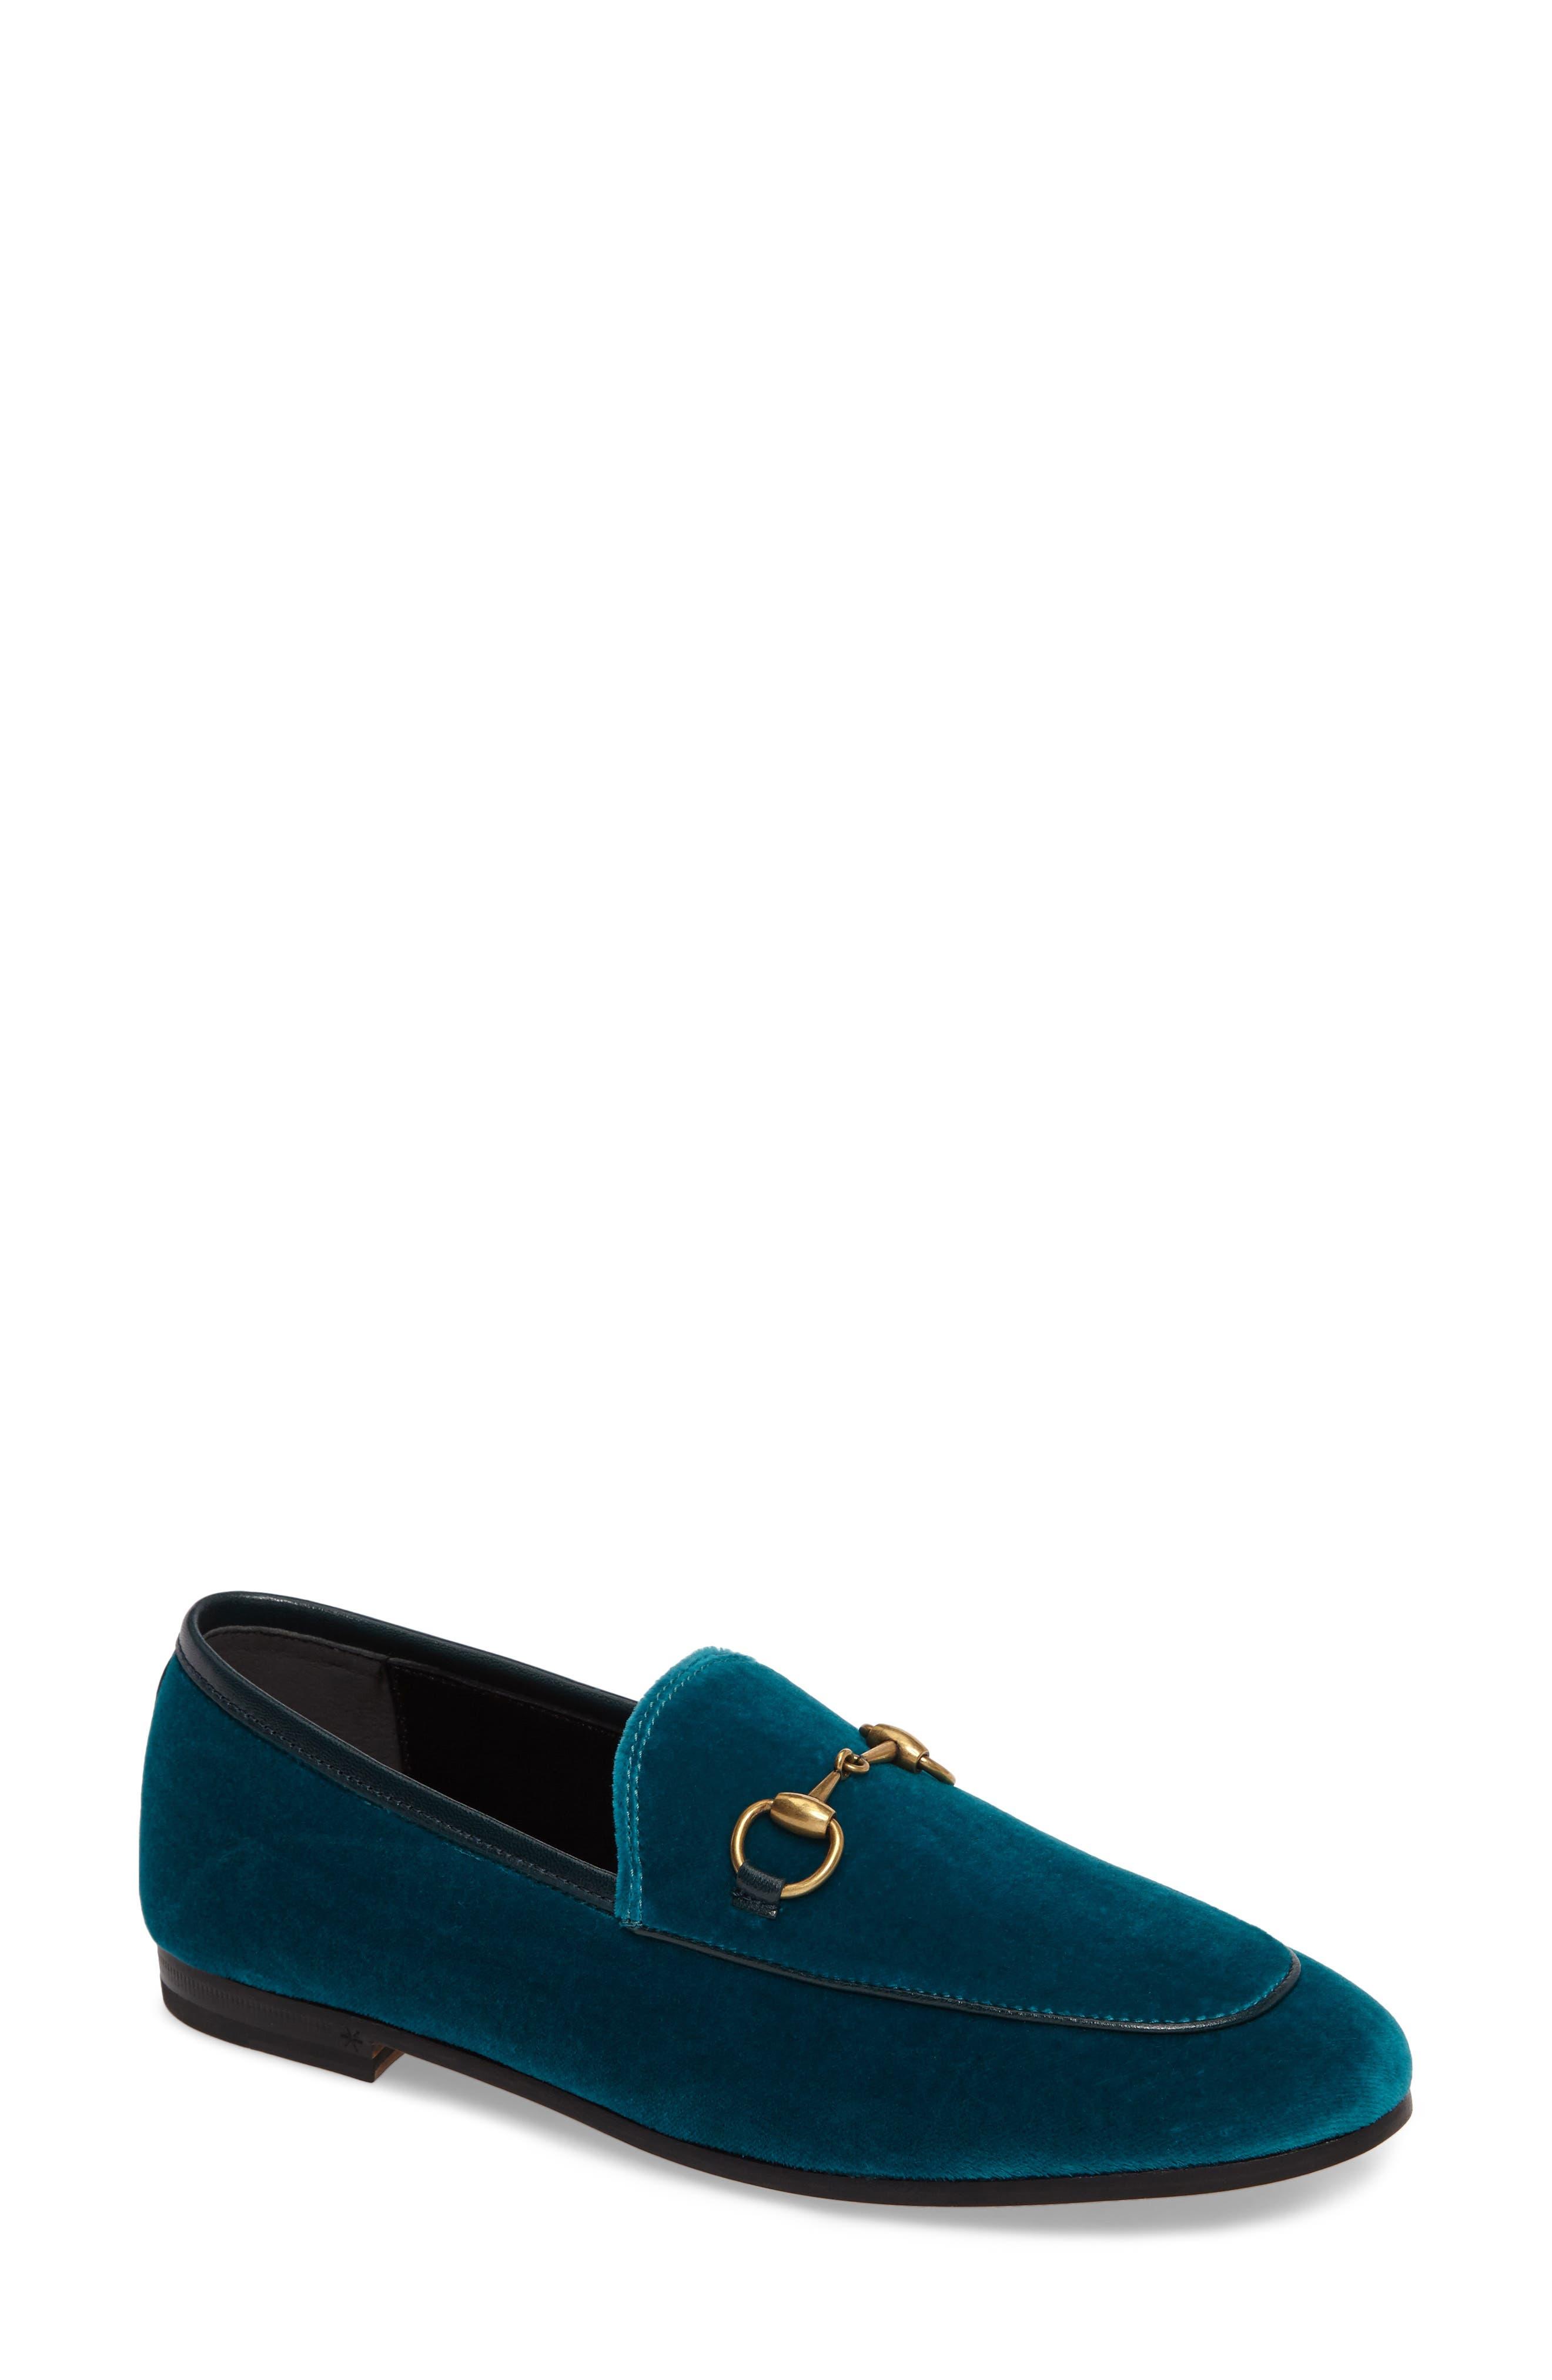 Brixton Velvet Loafer,                             Main thumbnail 1, color,                             Blue Velvet